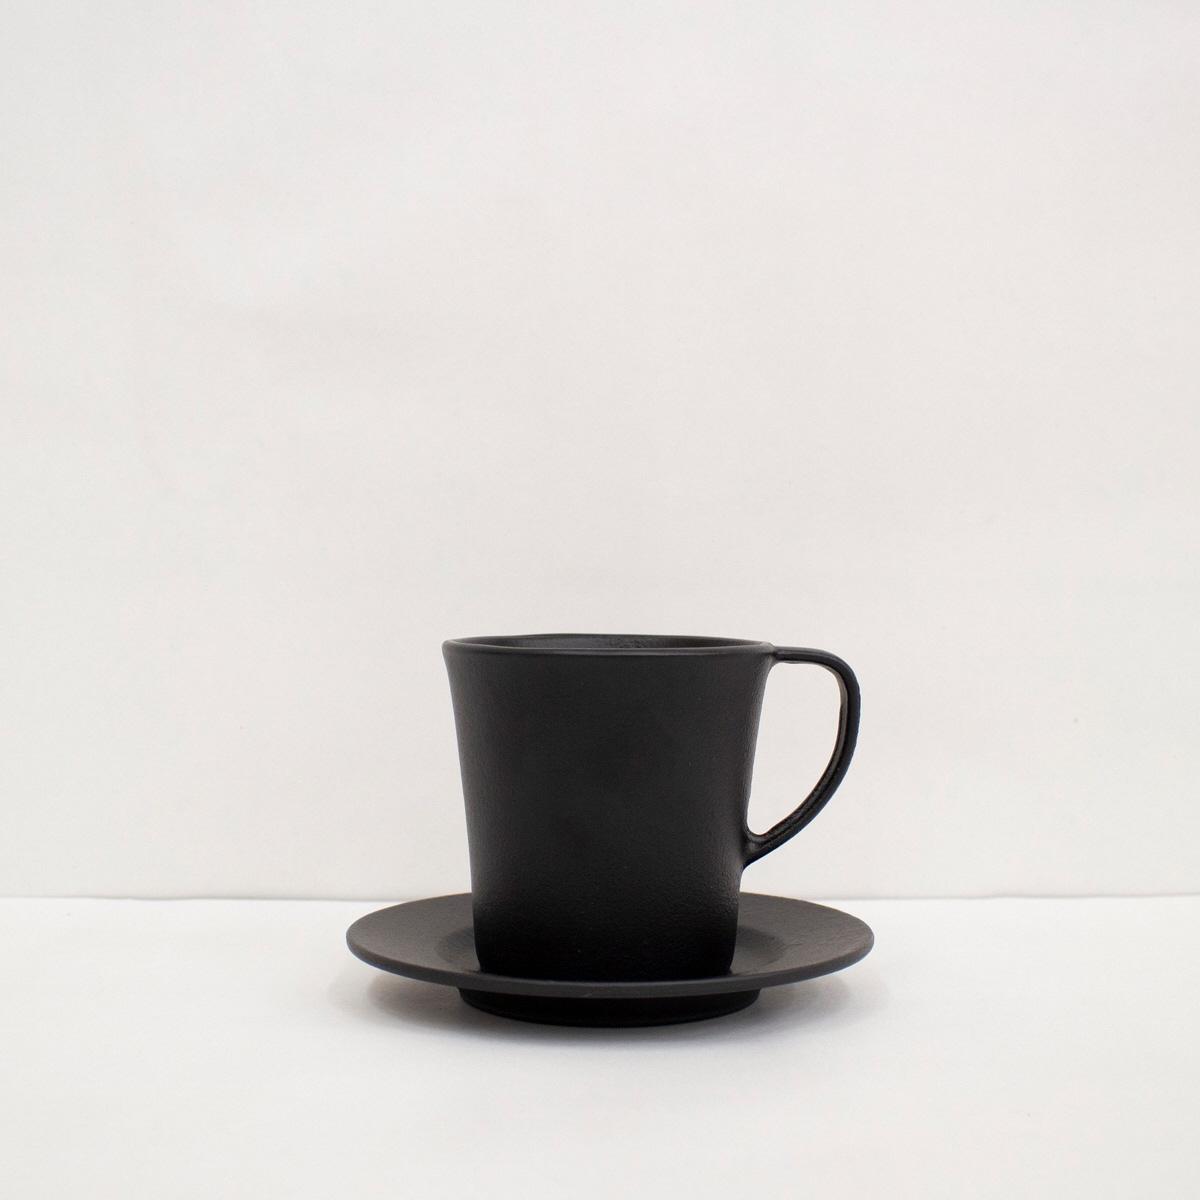 【ふるさと納税】 桑原鋳工 桑原鋳工 鋳物製コーヒーカップ, SHEBEACH JAPAN:867946c0 --- sunward.msk.ru